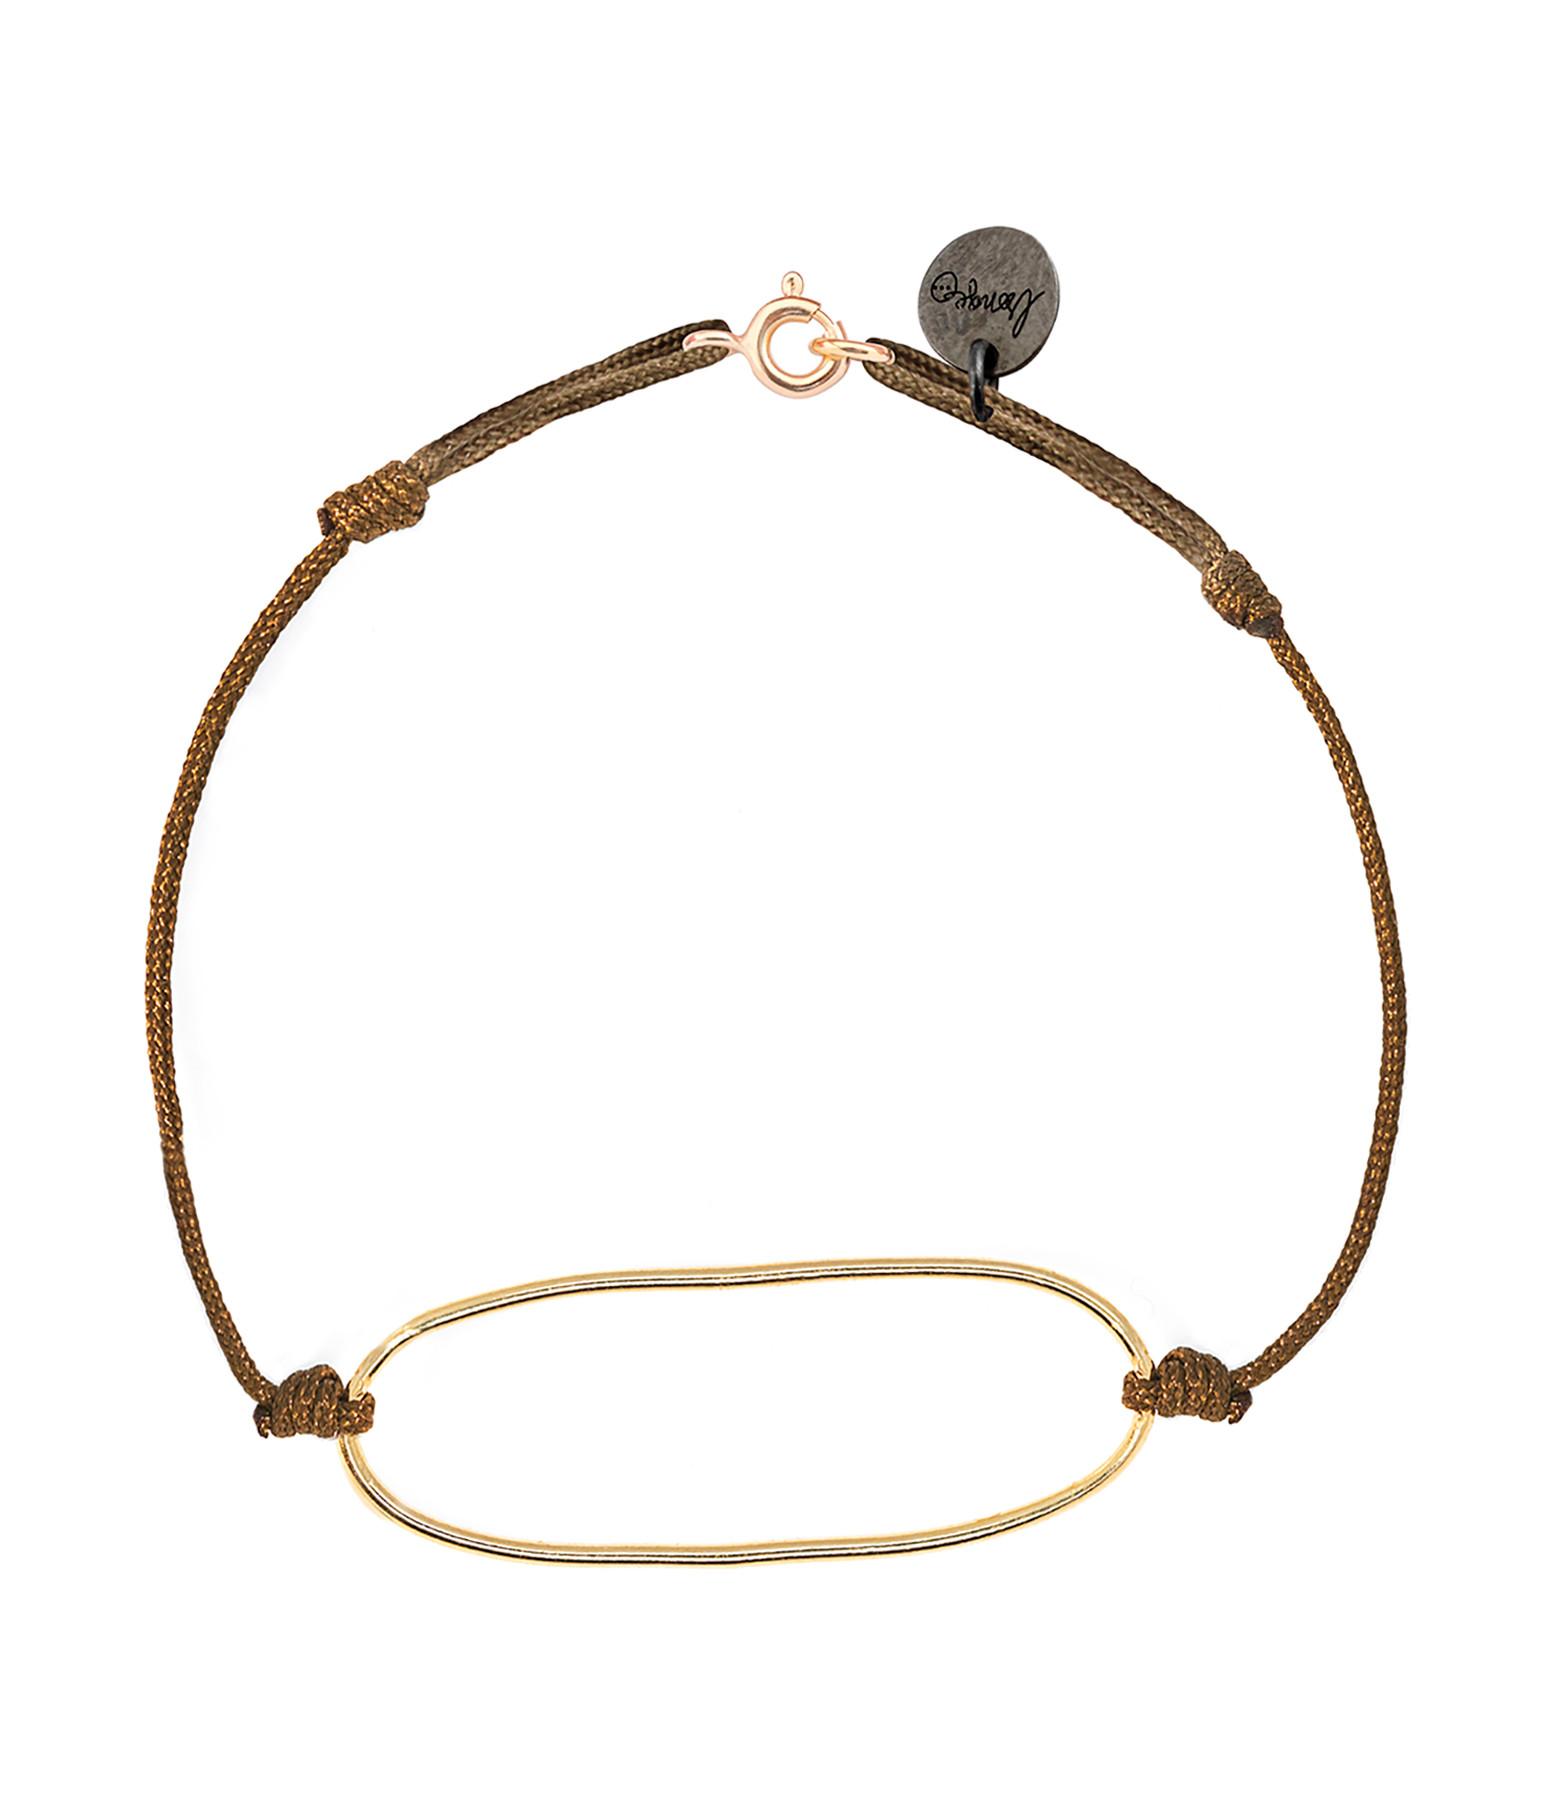 LSONGE - Bracelet Chic Ano Argent Doré